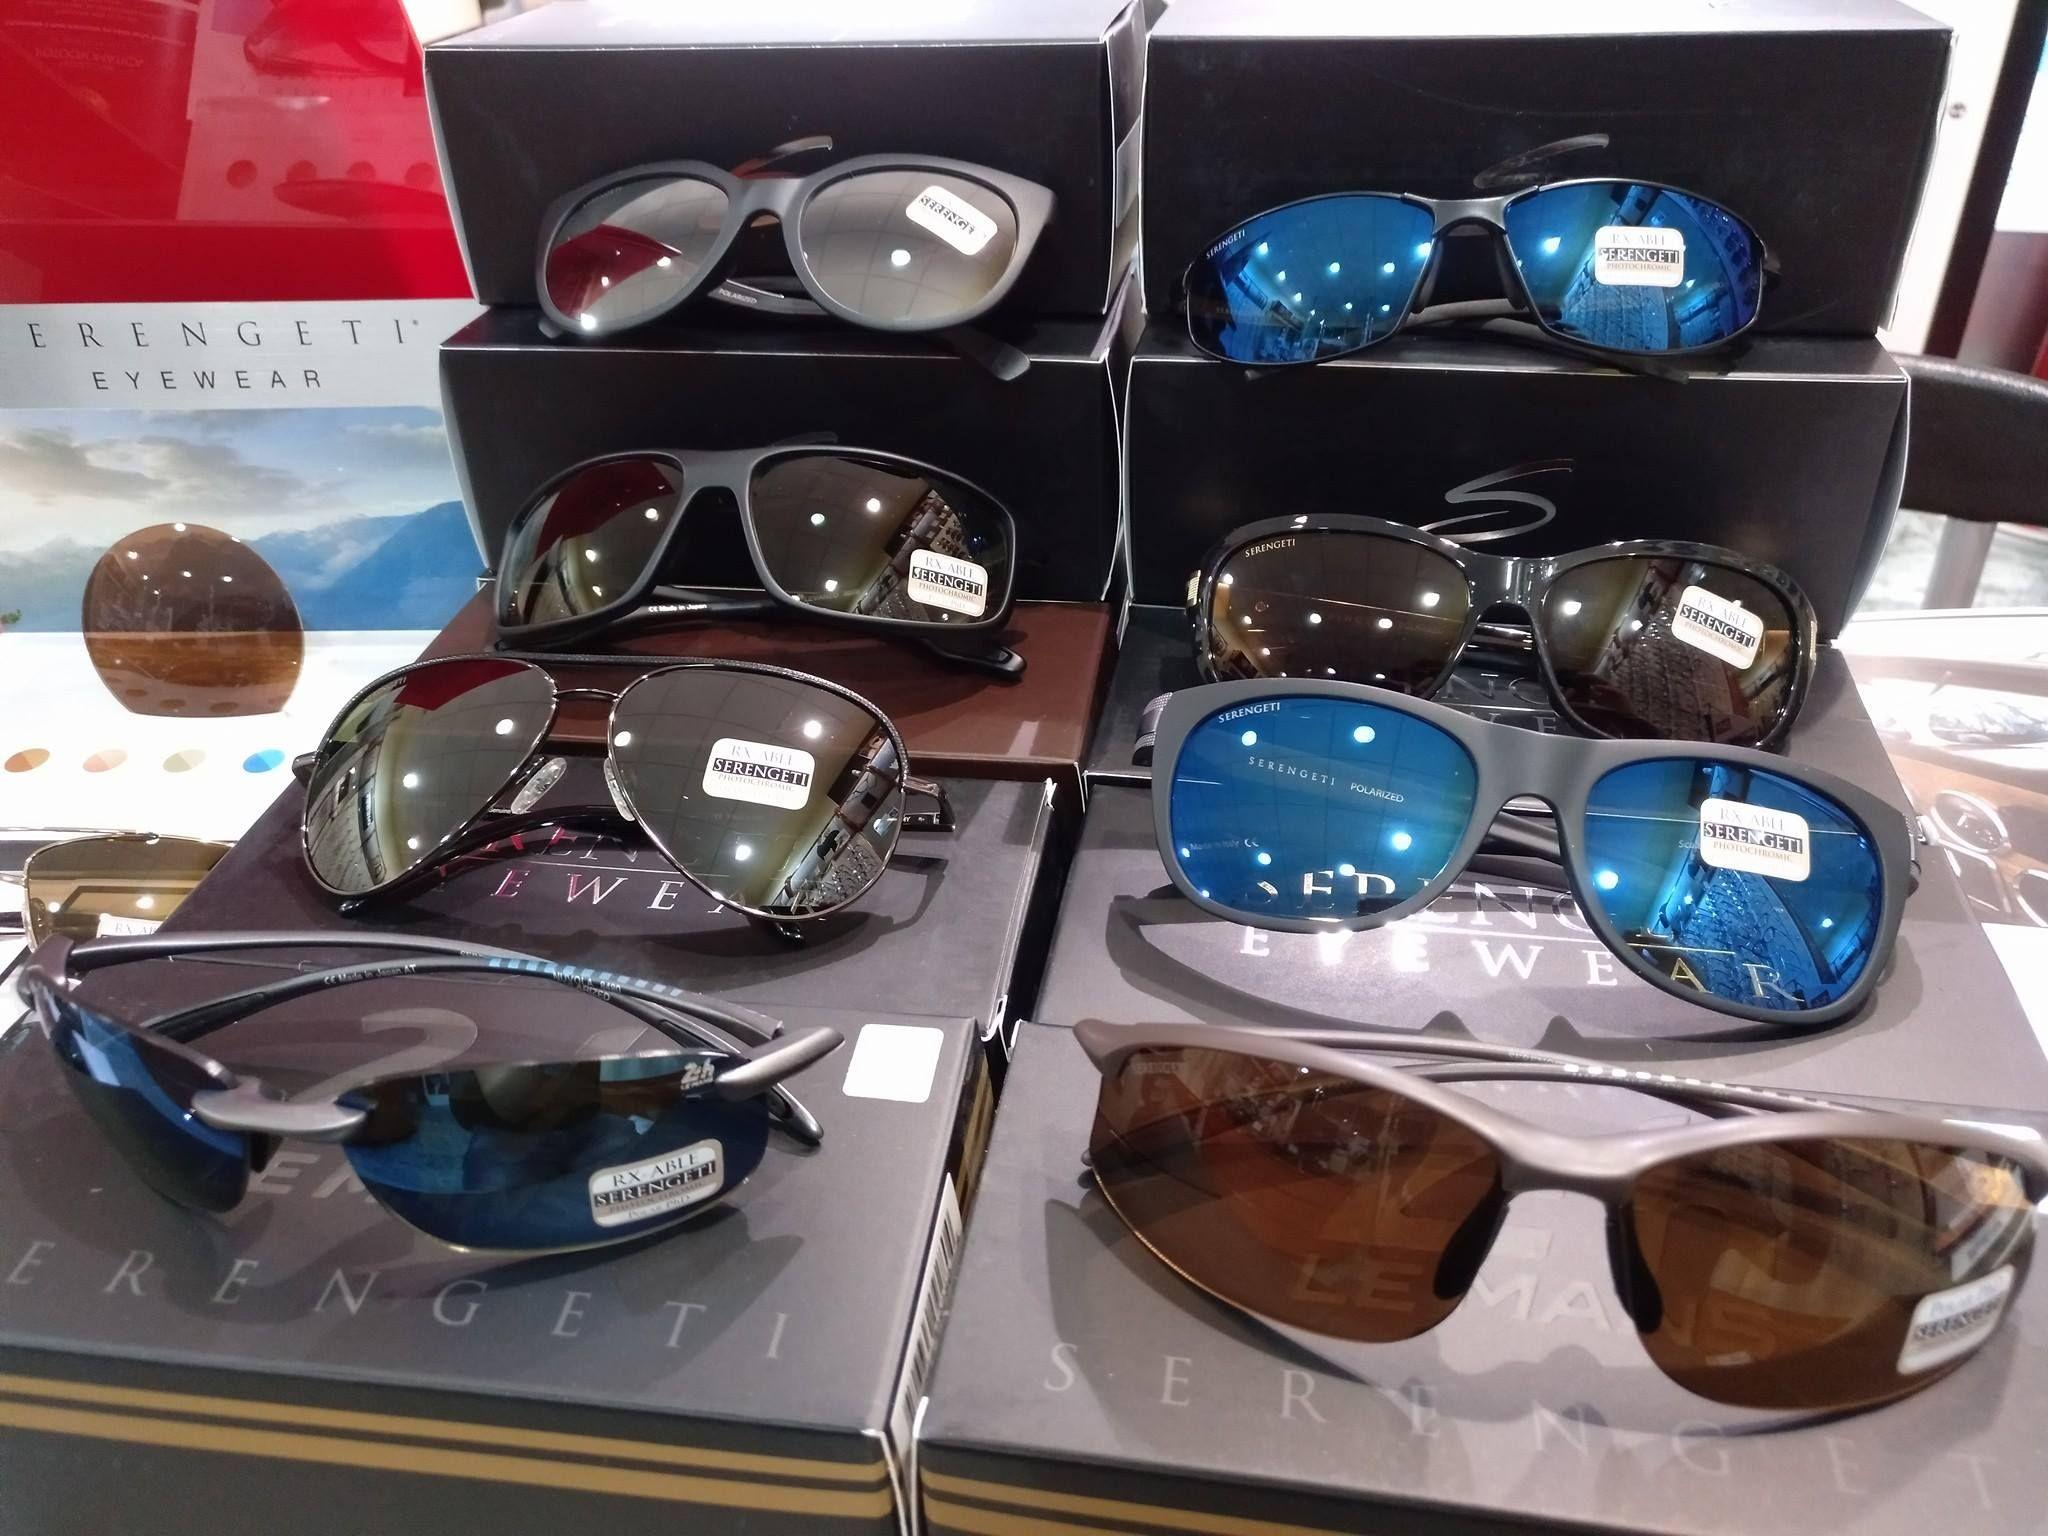 Gafas de sol: Gafas y Productos de One Vision